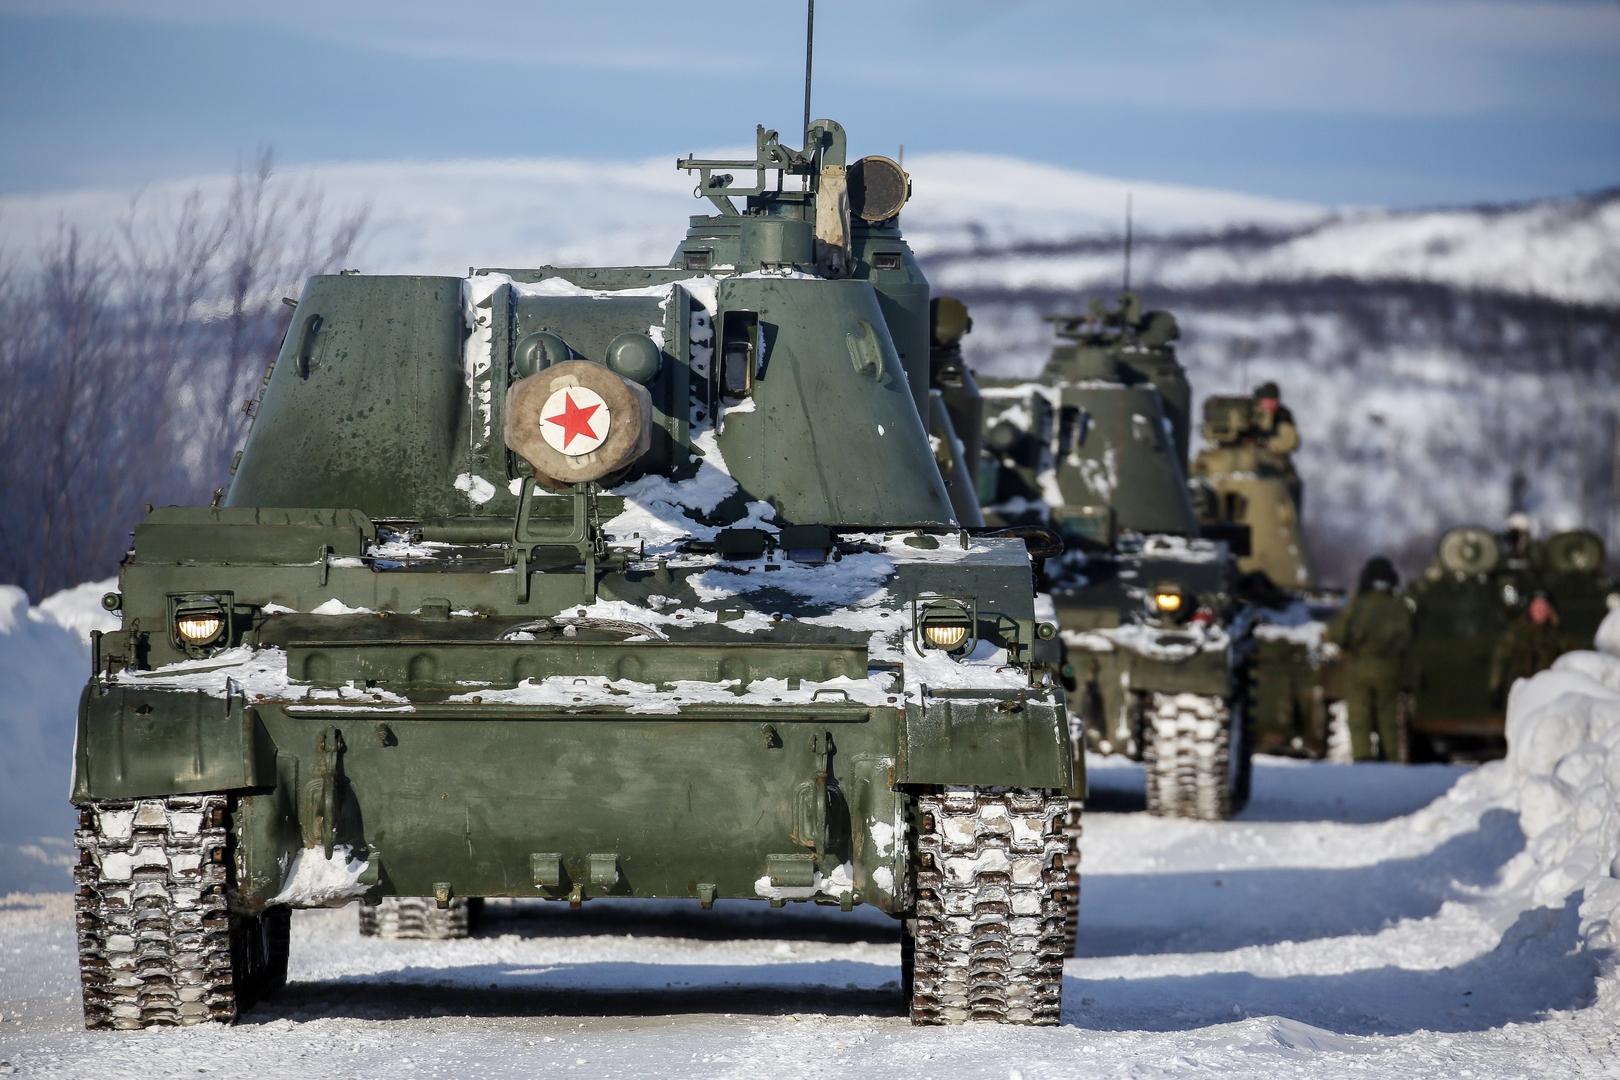 مدافع متنقلة ذاتية أثناء تدريبات للقوات الروسية في منطقة القطب الشمالي